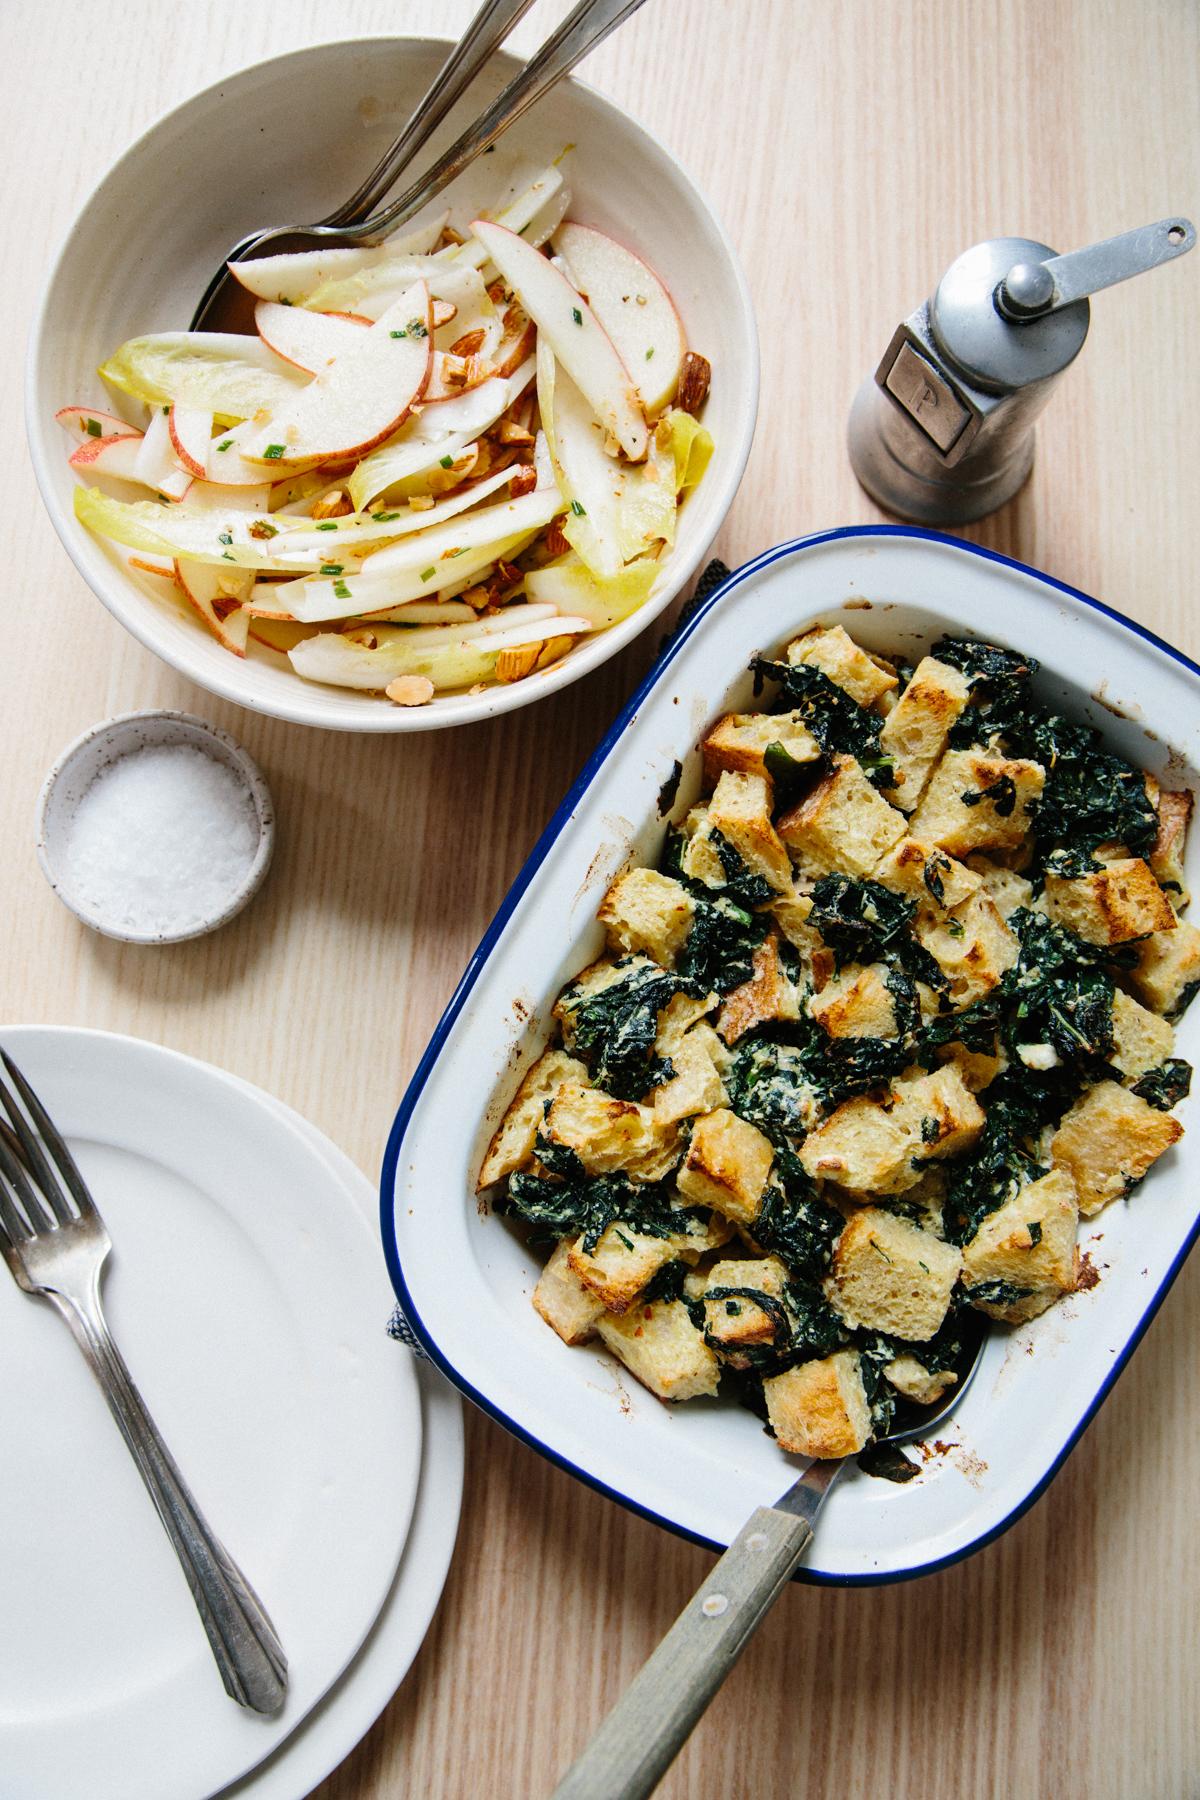 Blue apron unhealthy - Creamy Ricotta Lacinato Kale Strata